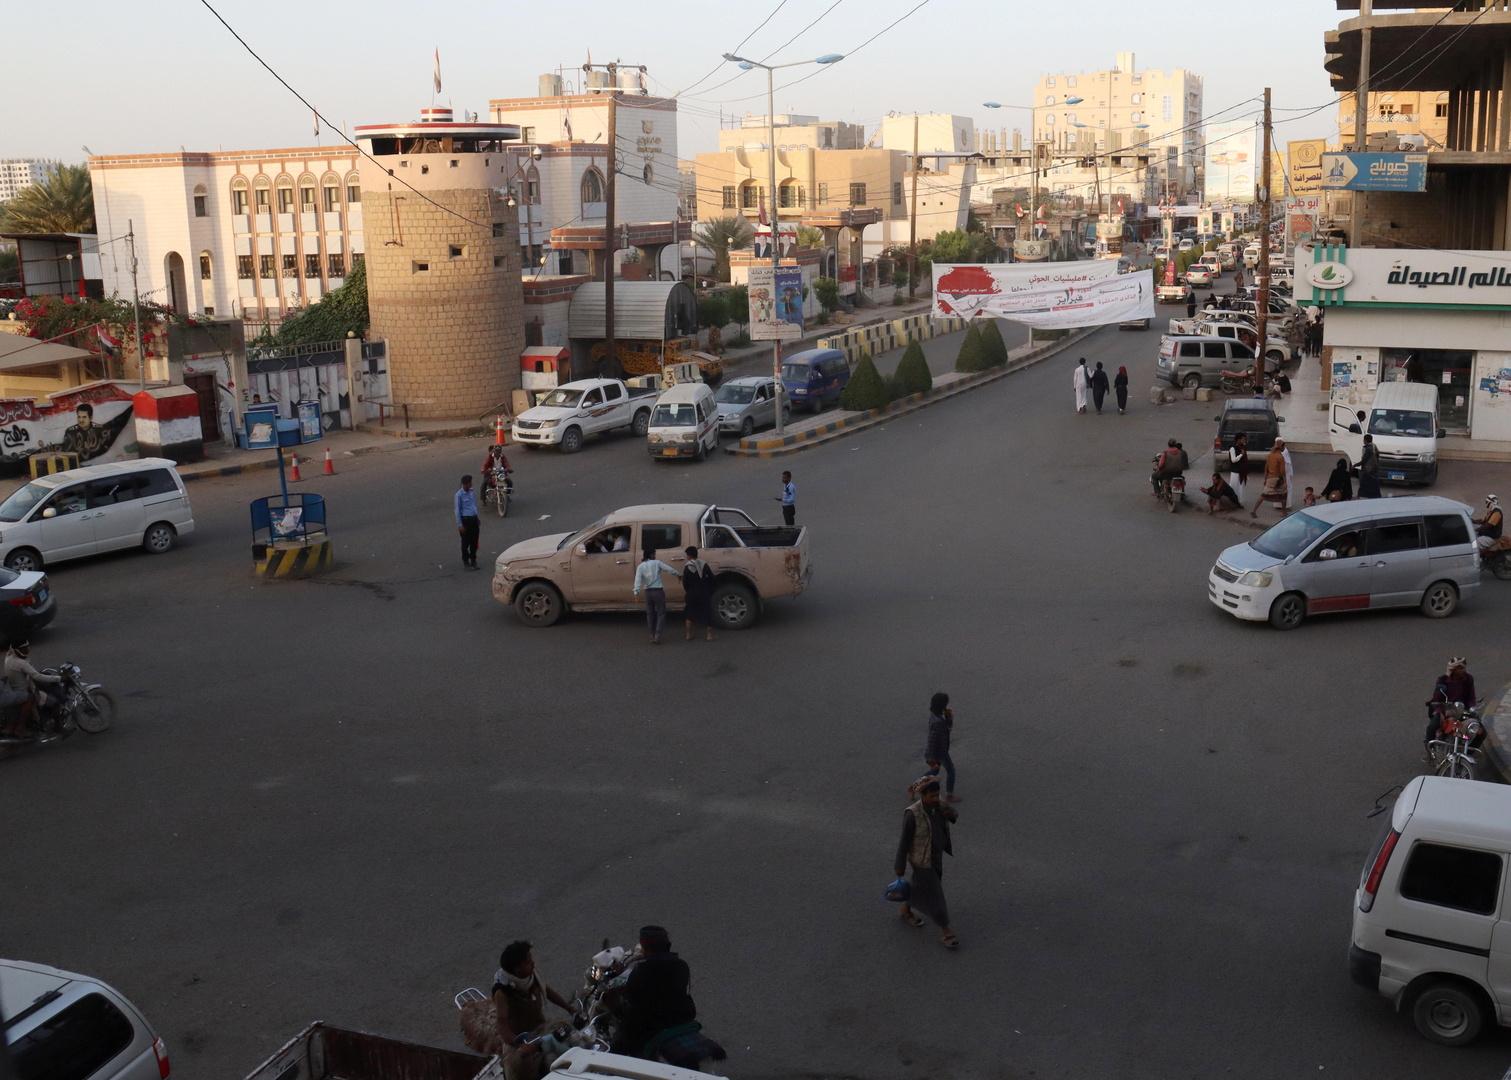 انفجار كبير يهز مدينة مأرب اليمنية وسط أنباء عن قصف من الحوثيين